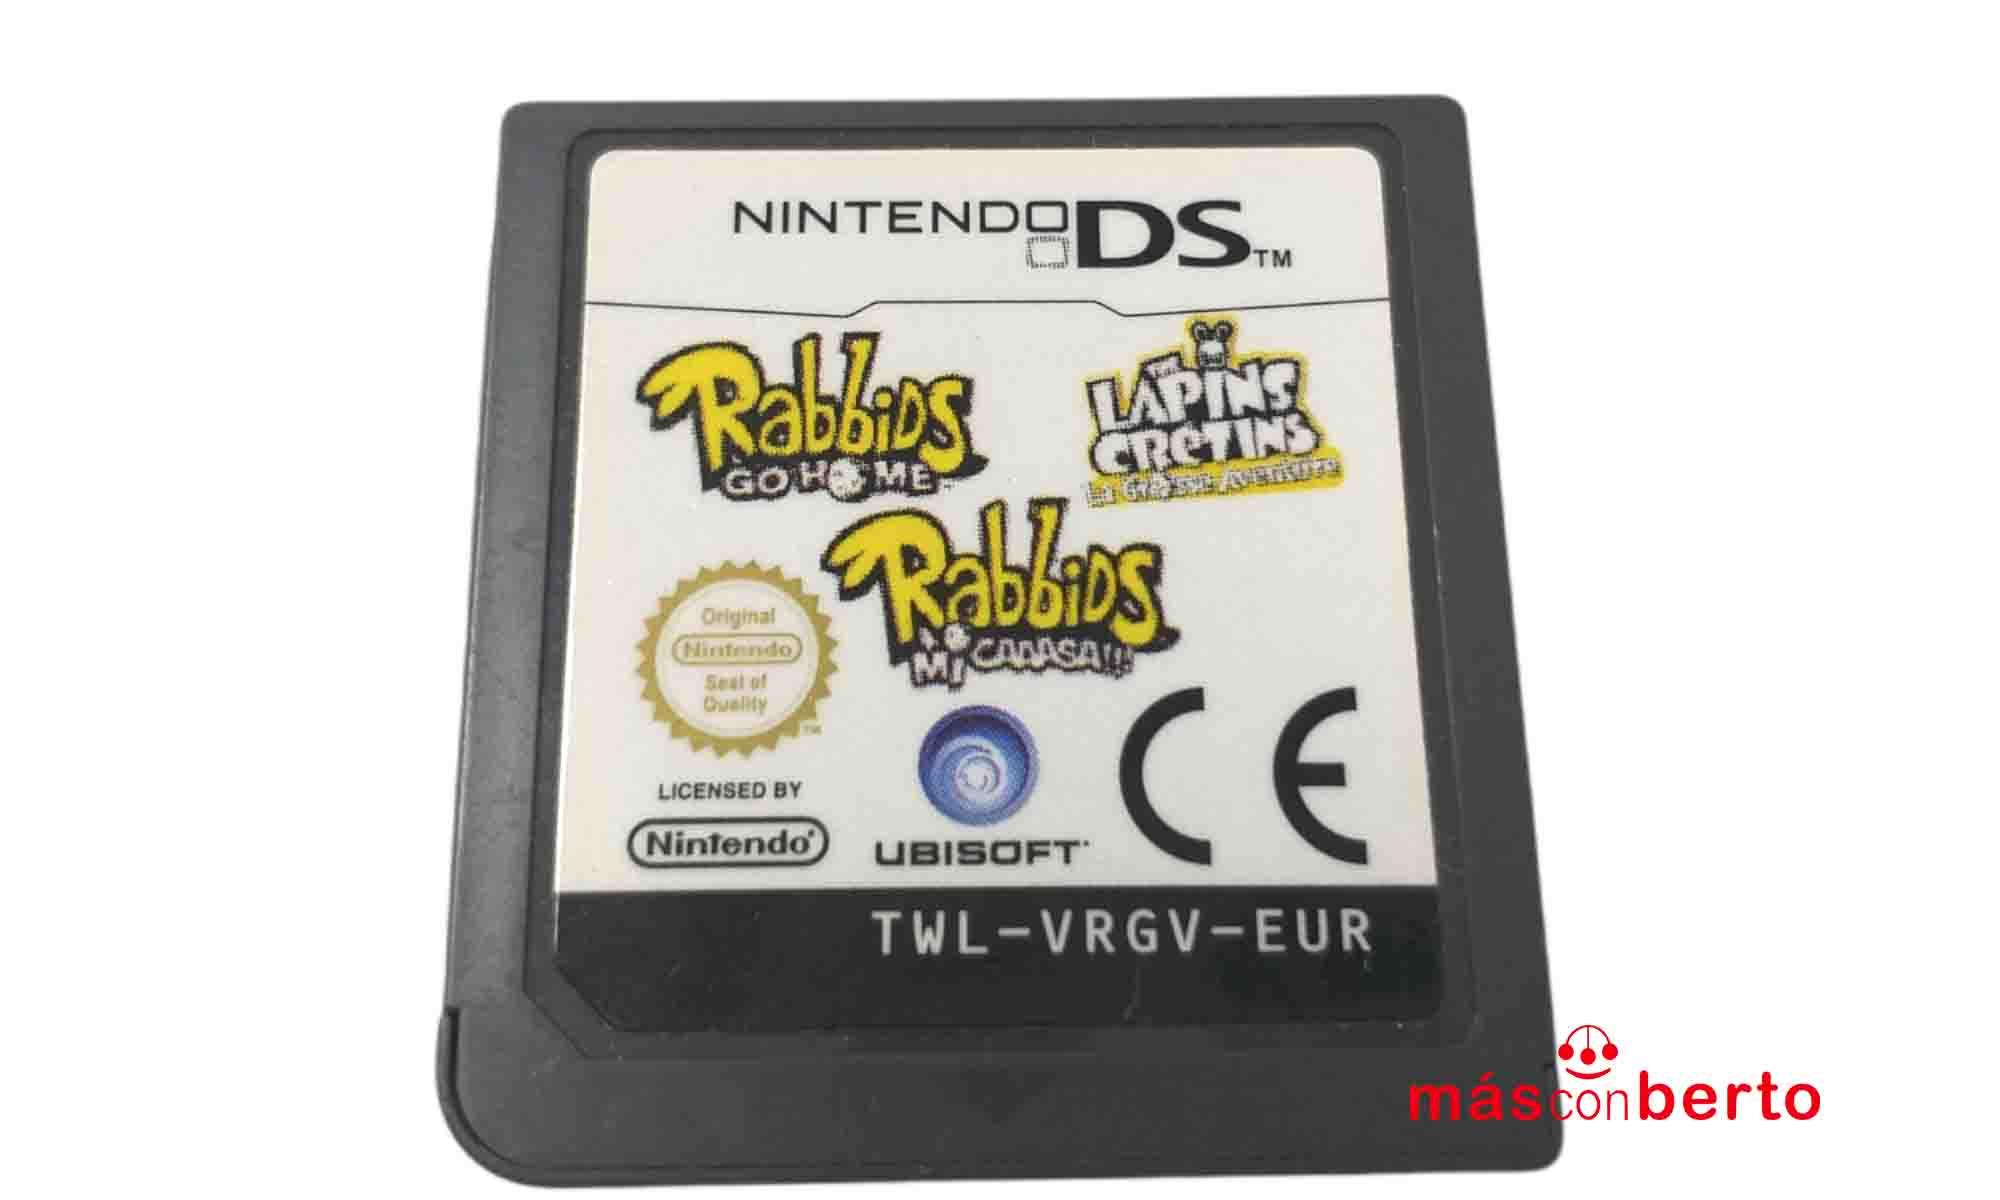 Juego Nintendo DS Rabbids...